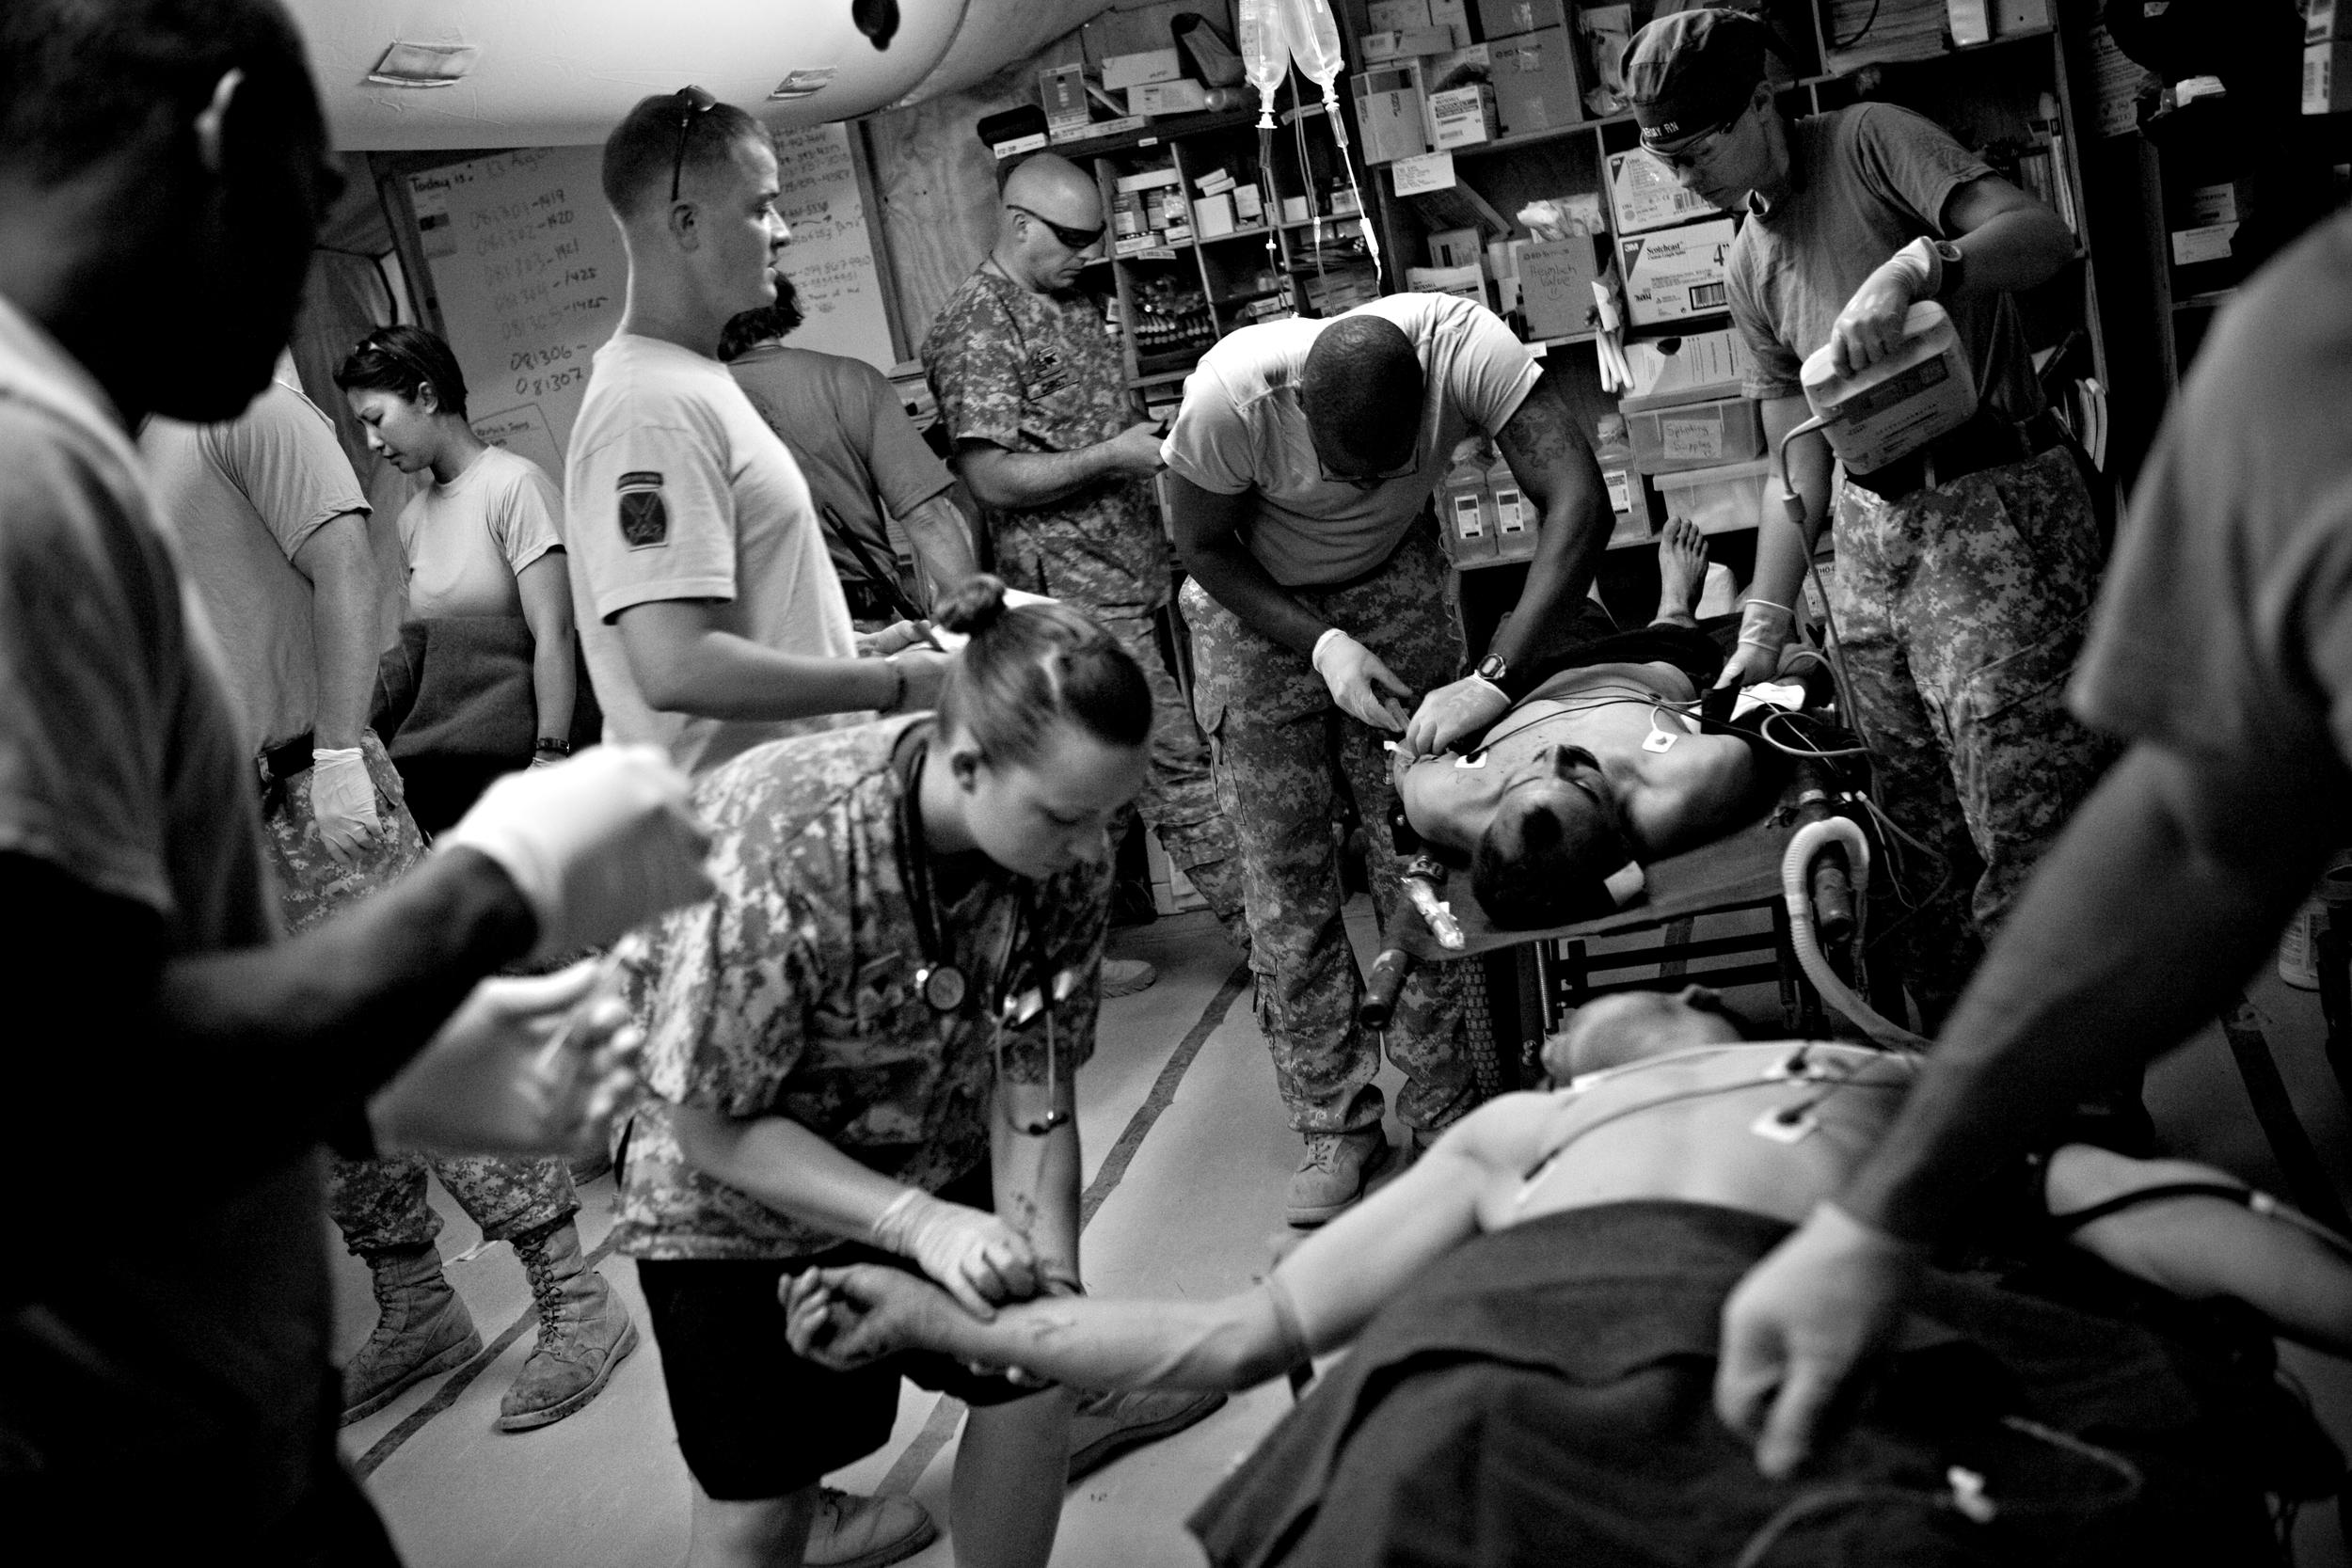 Afghanistan-ER-2009-Trieb-9.jpg